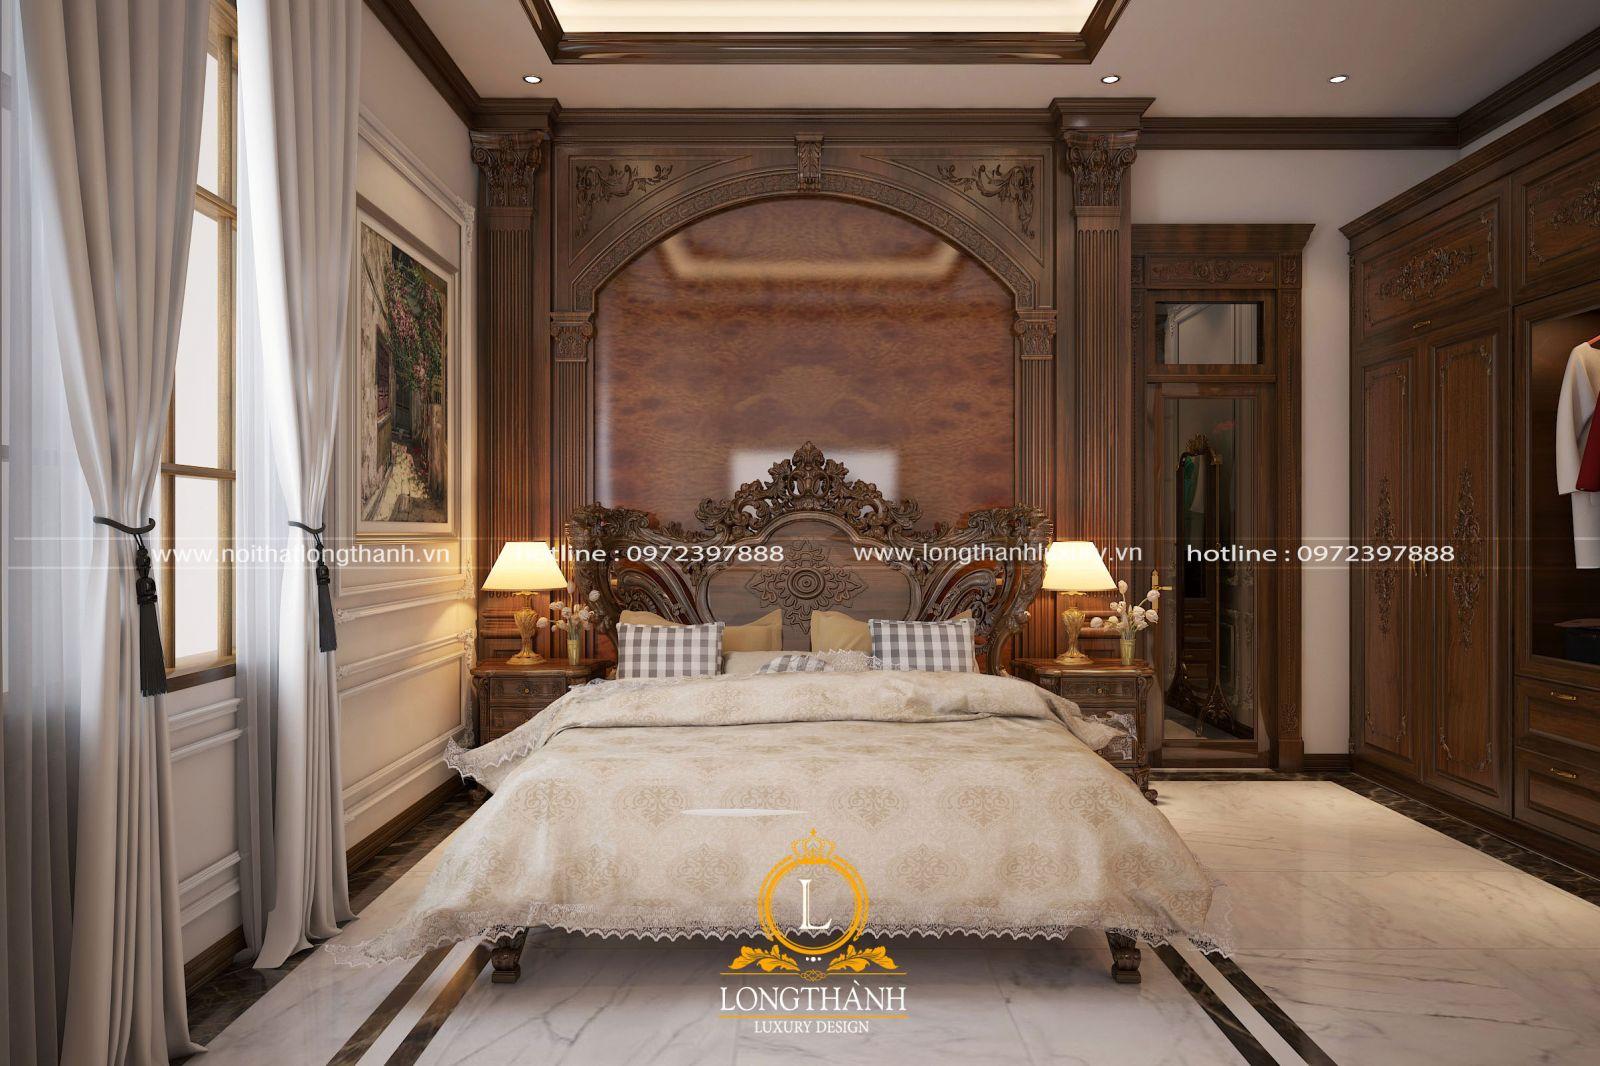 Phòng ngủ tân cổ điển sang trọng dành cho những ai chuộng chất liệu gỗ cao cấp